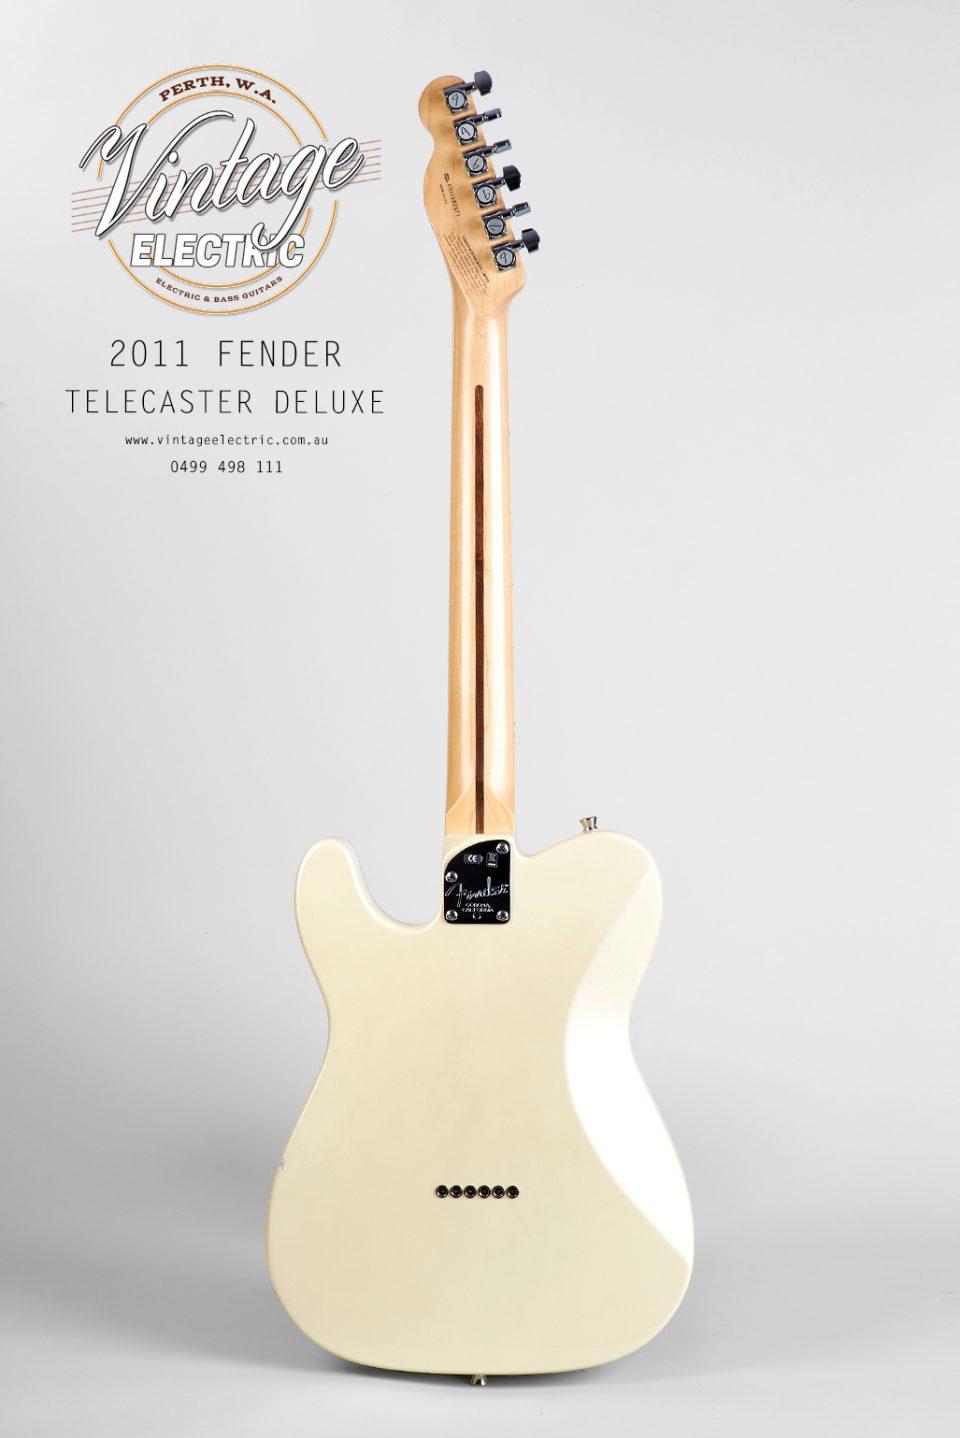 2011 Fender Telecaster White Deluxe Back